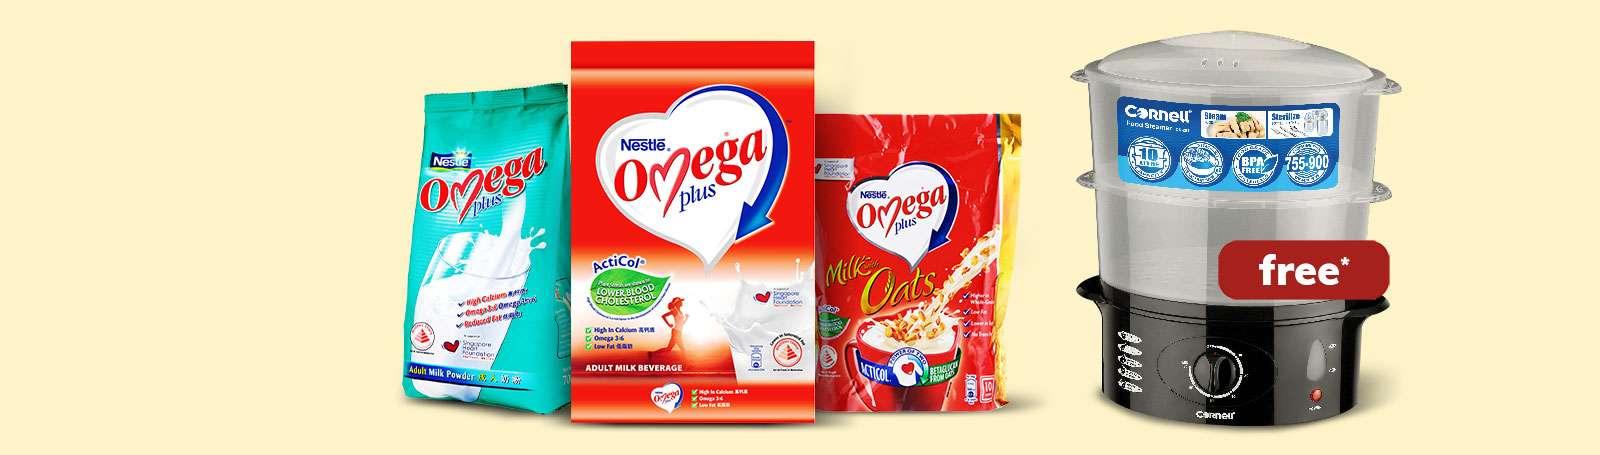 Nestle Omega